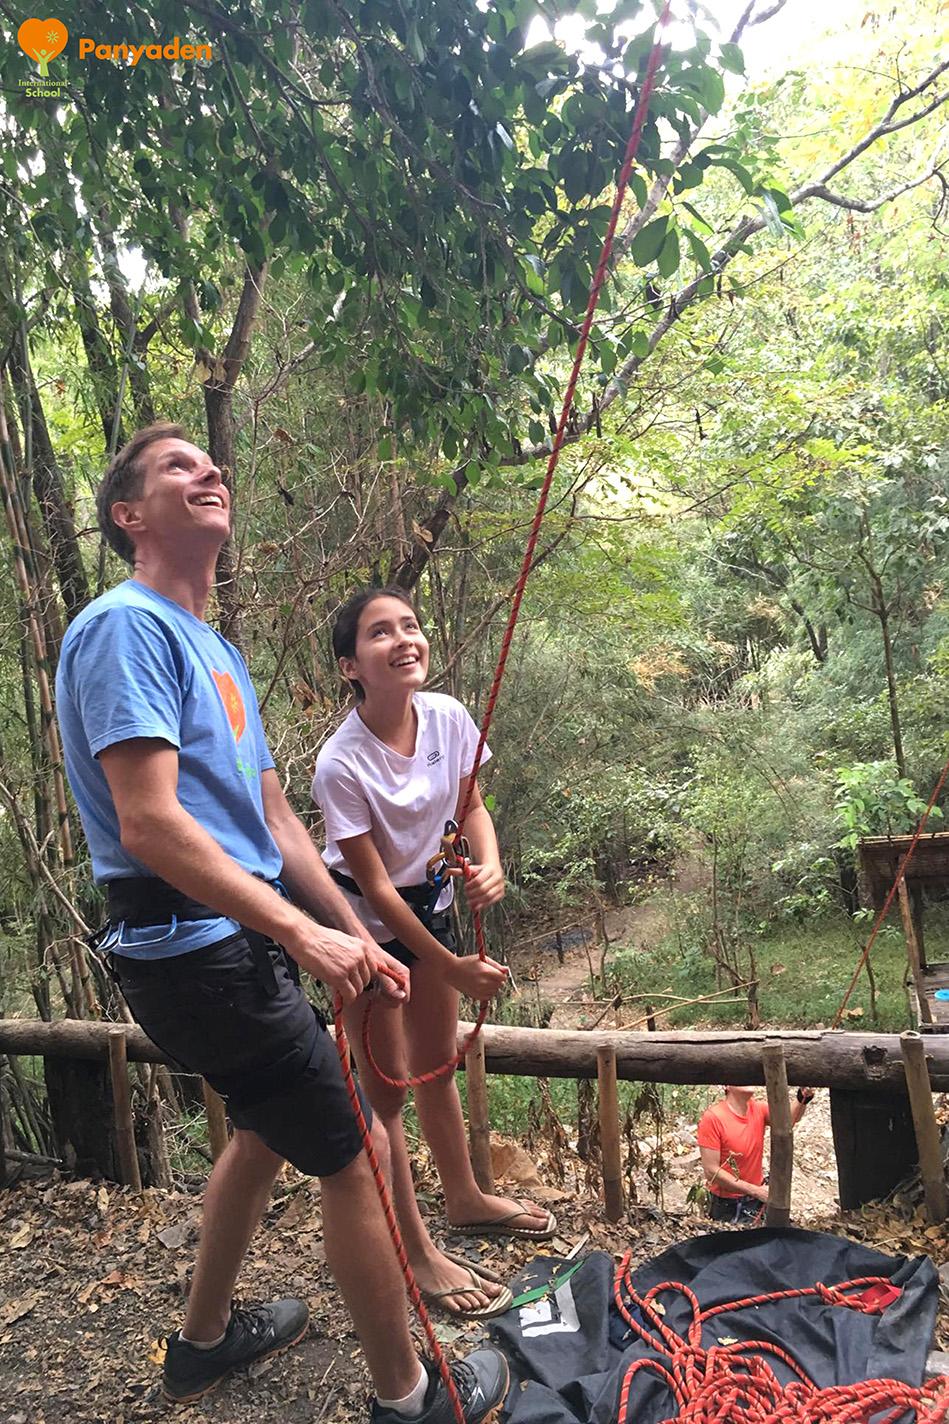 Panyaden Y7 rock climbing - teacher with student